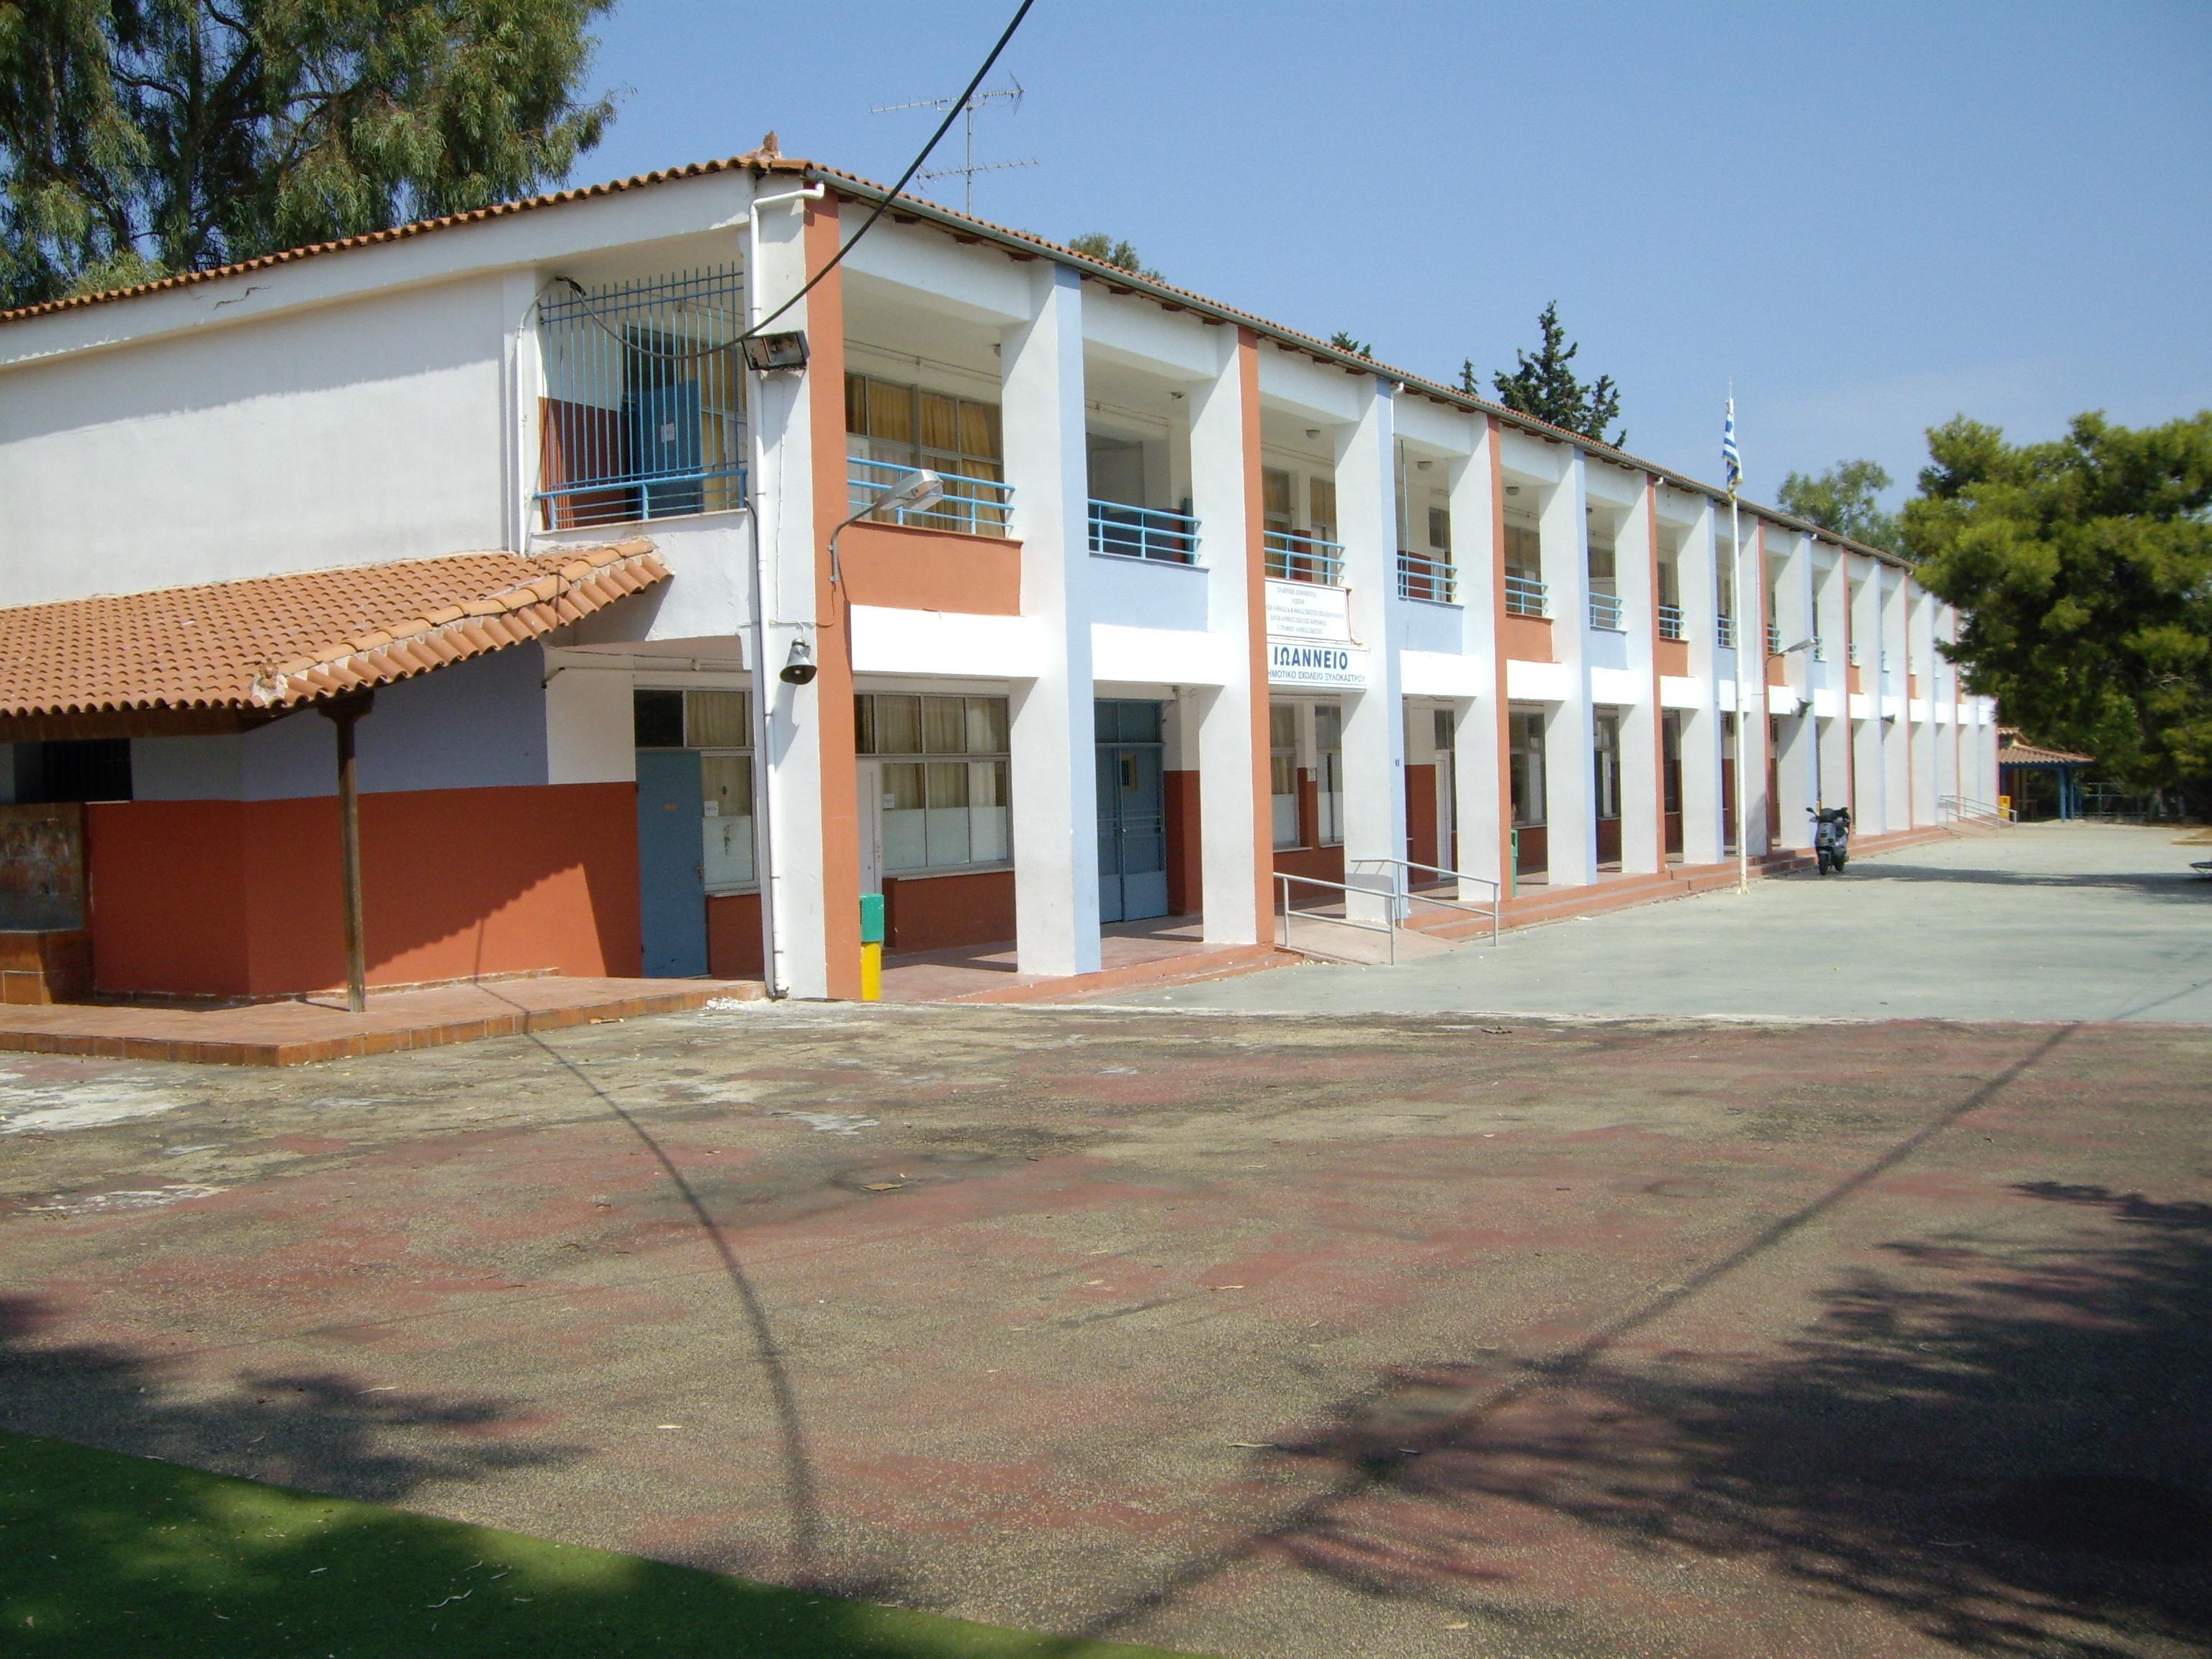 Αποτέλεσμα εικόνας για 1ο δημοτικό σχολείο ξυλοκάστρου